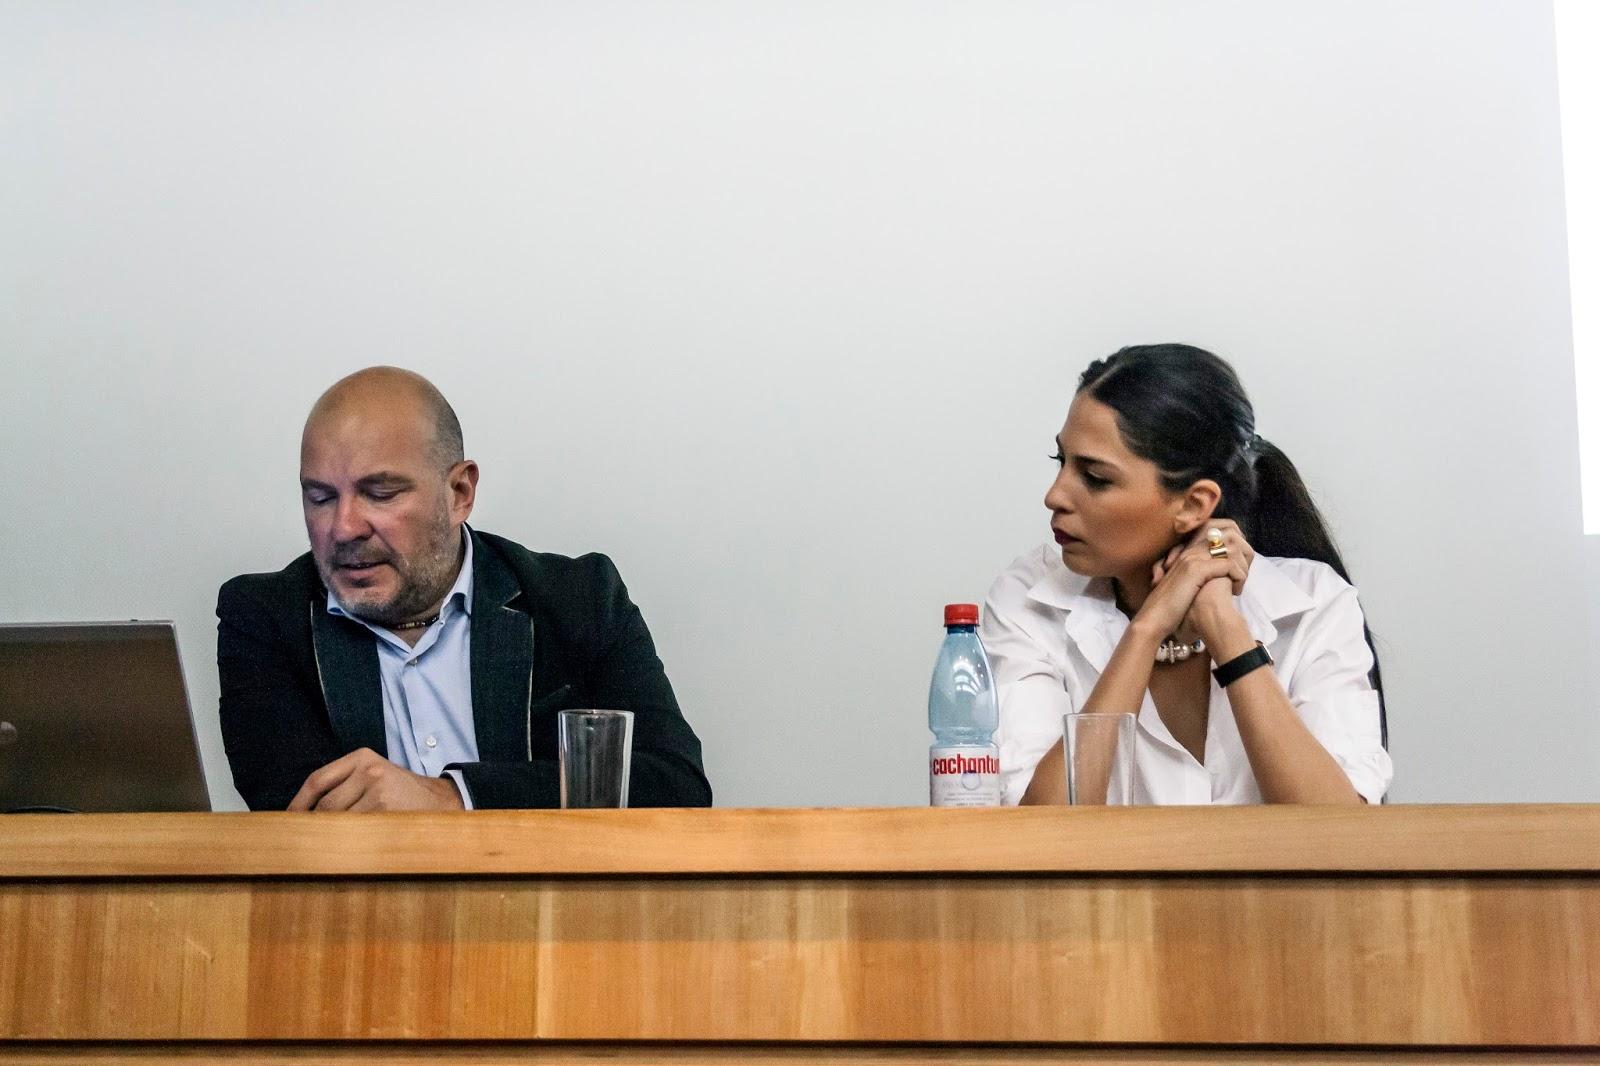 Marco Montemaggi y Pamela Victoria, Charla tendencias, marcas y moda